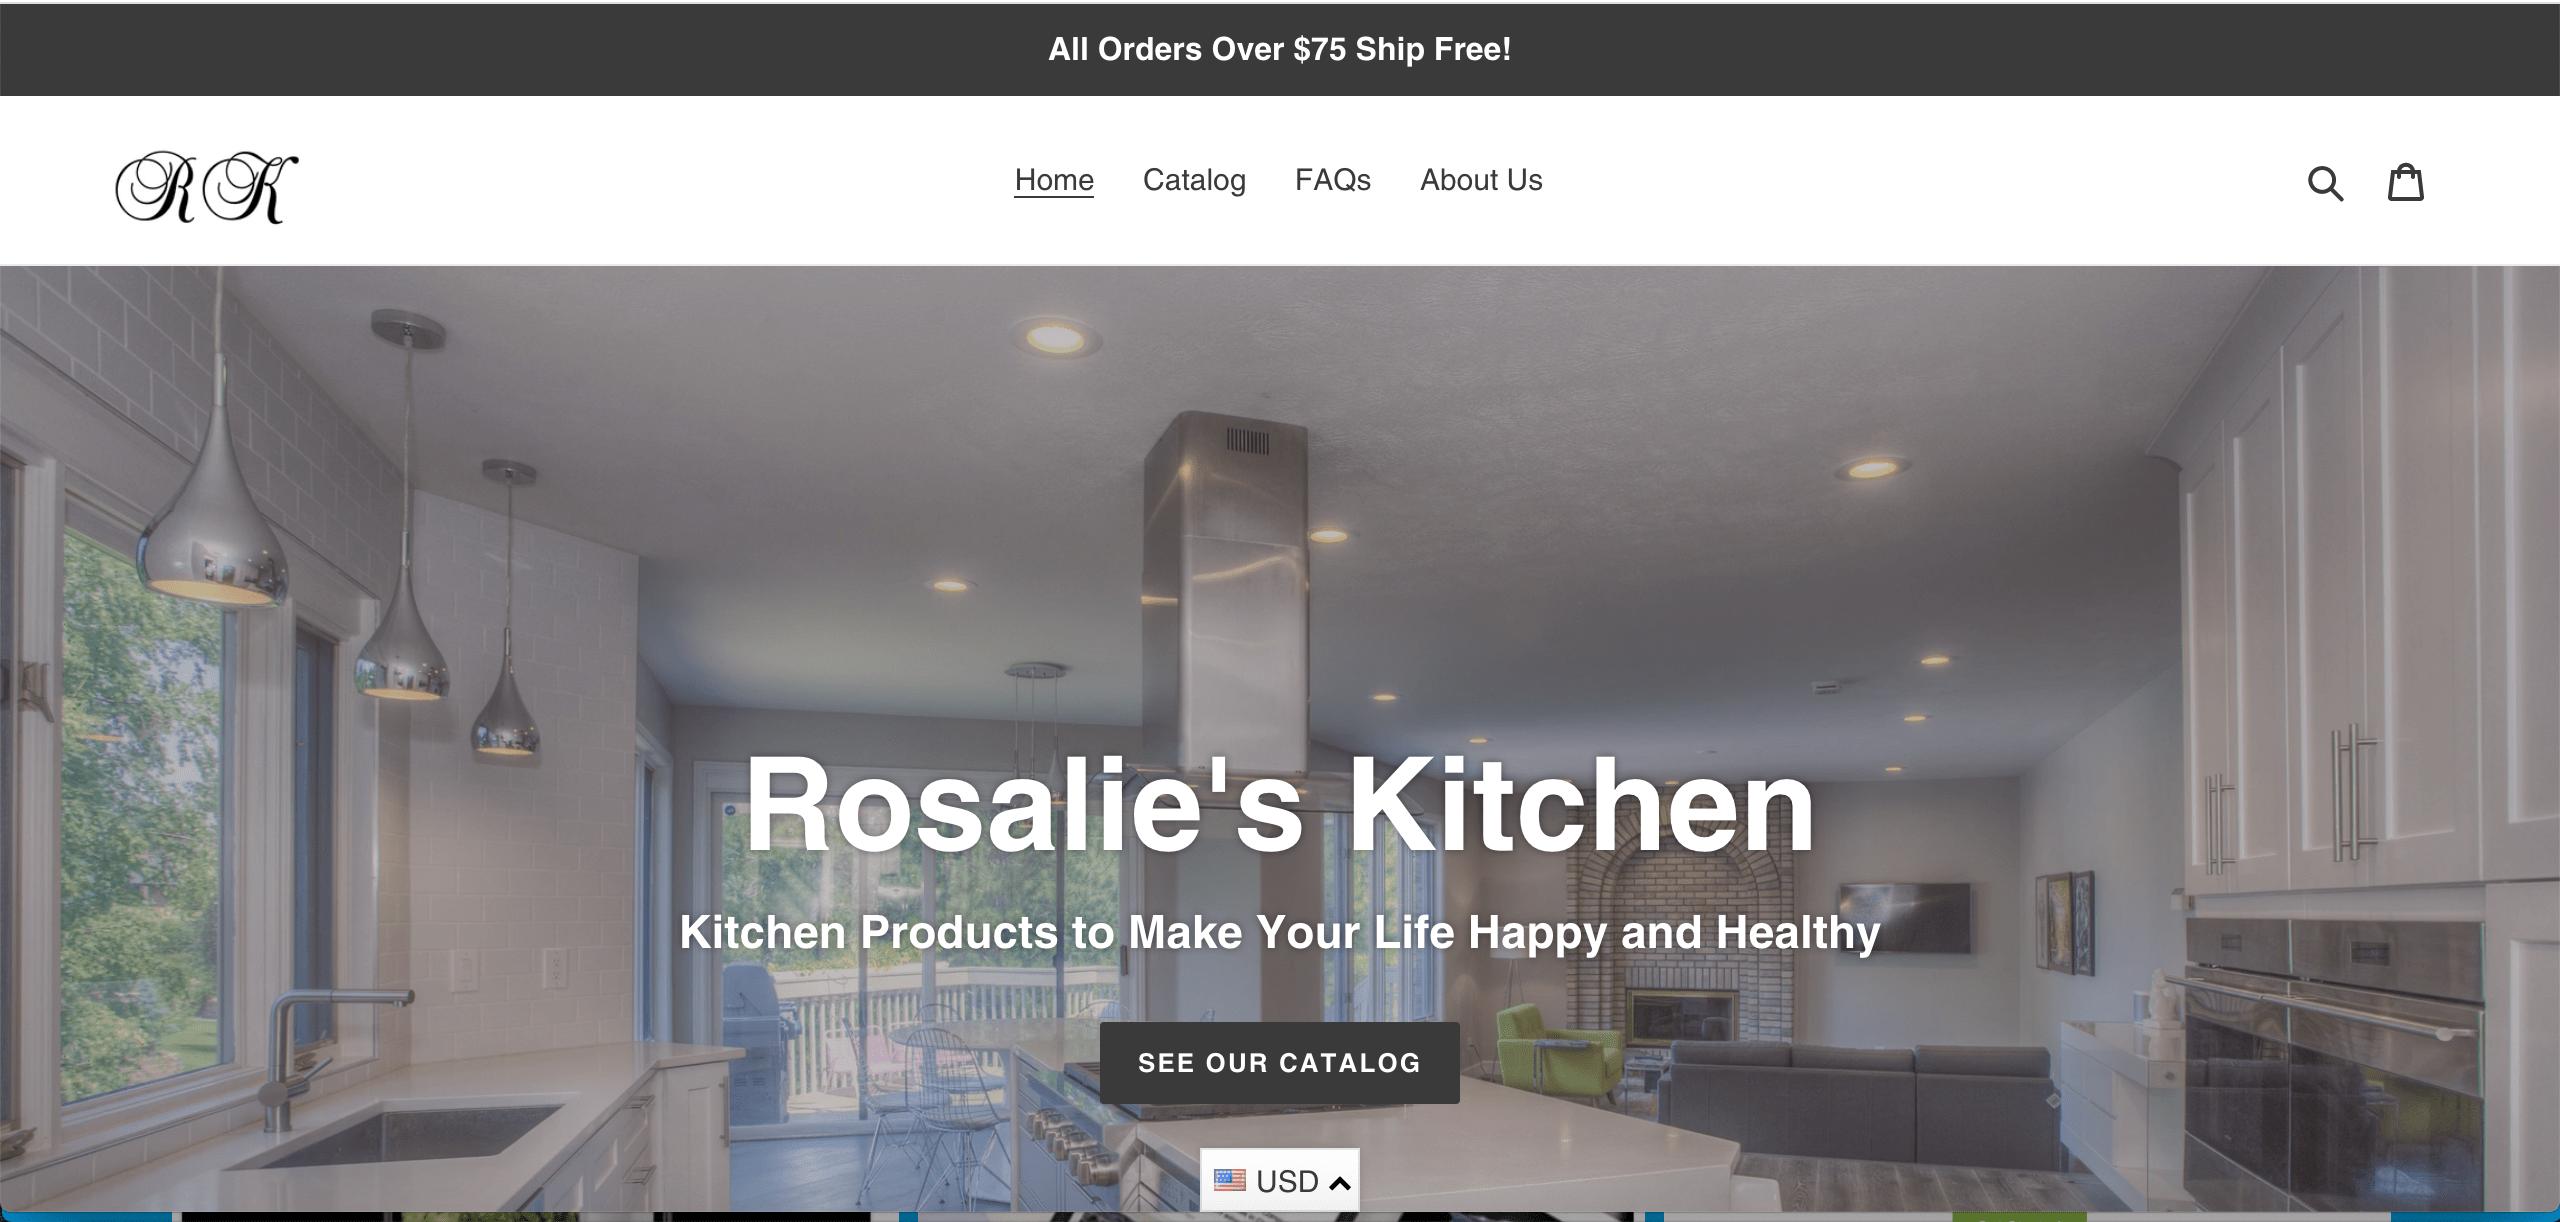 E-com kitchen supplies website #1